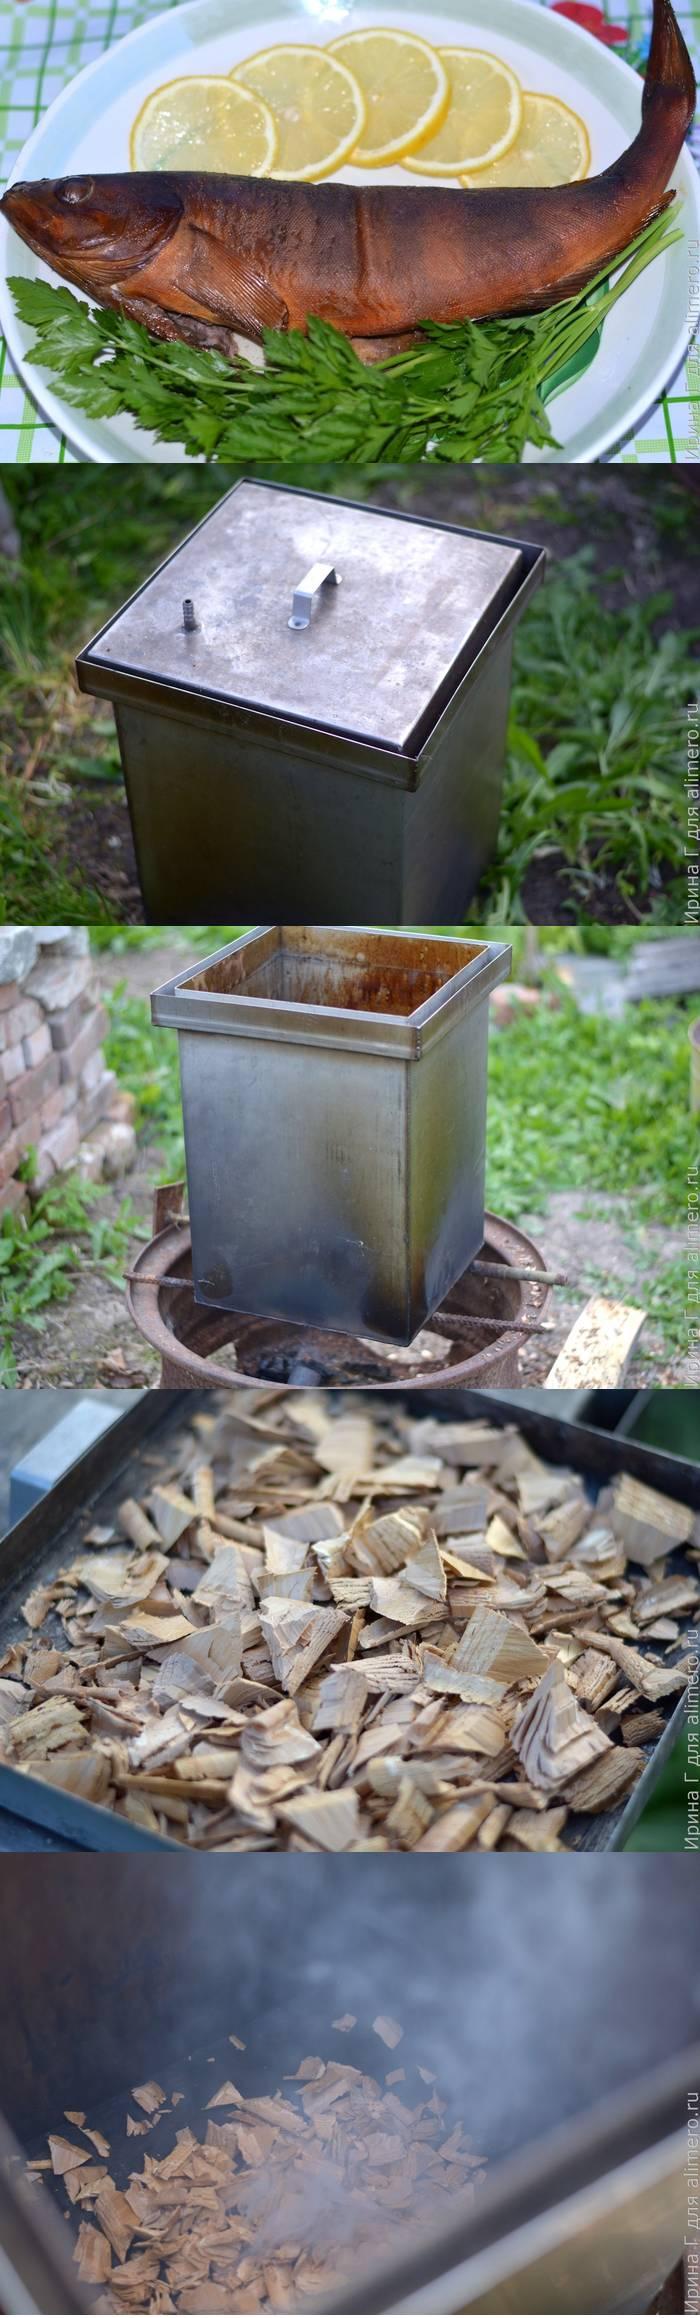 Терпуг горячего копчения в домашних условиях